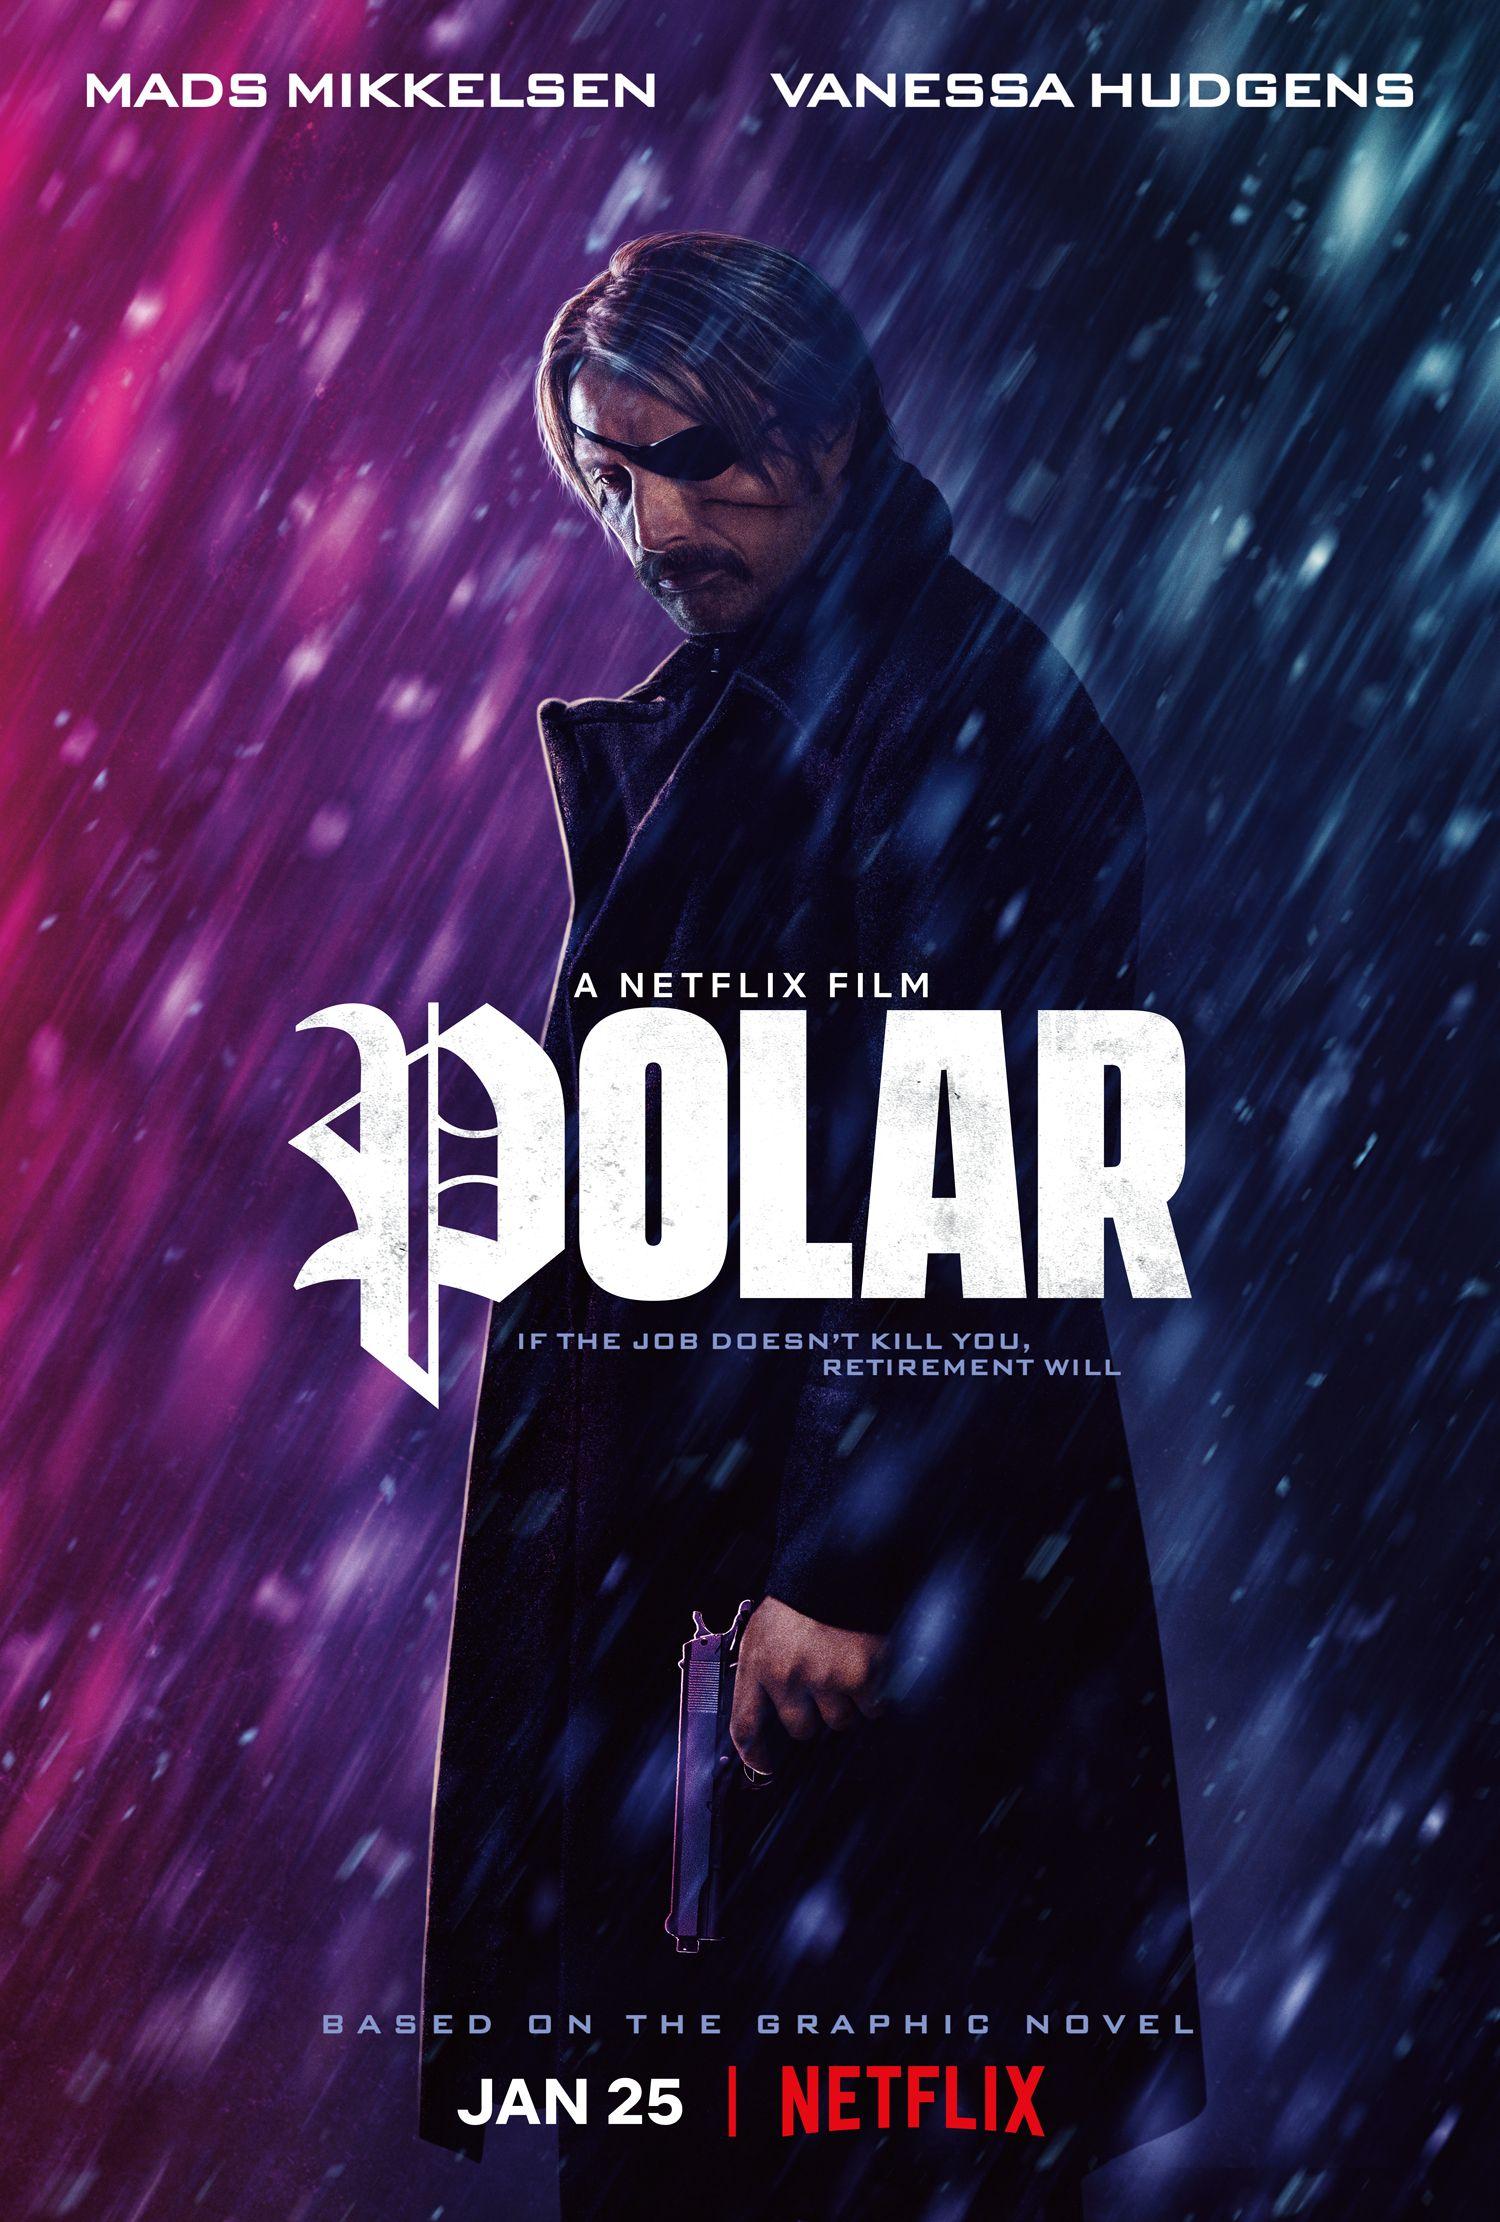 تریلر فیلم Polar با بازی مدز میکلسن و کارگردانی یوناس آکرلوند